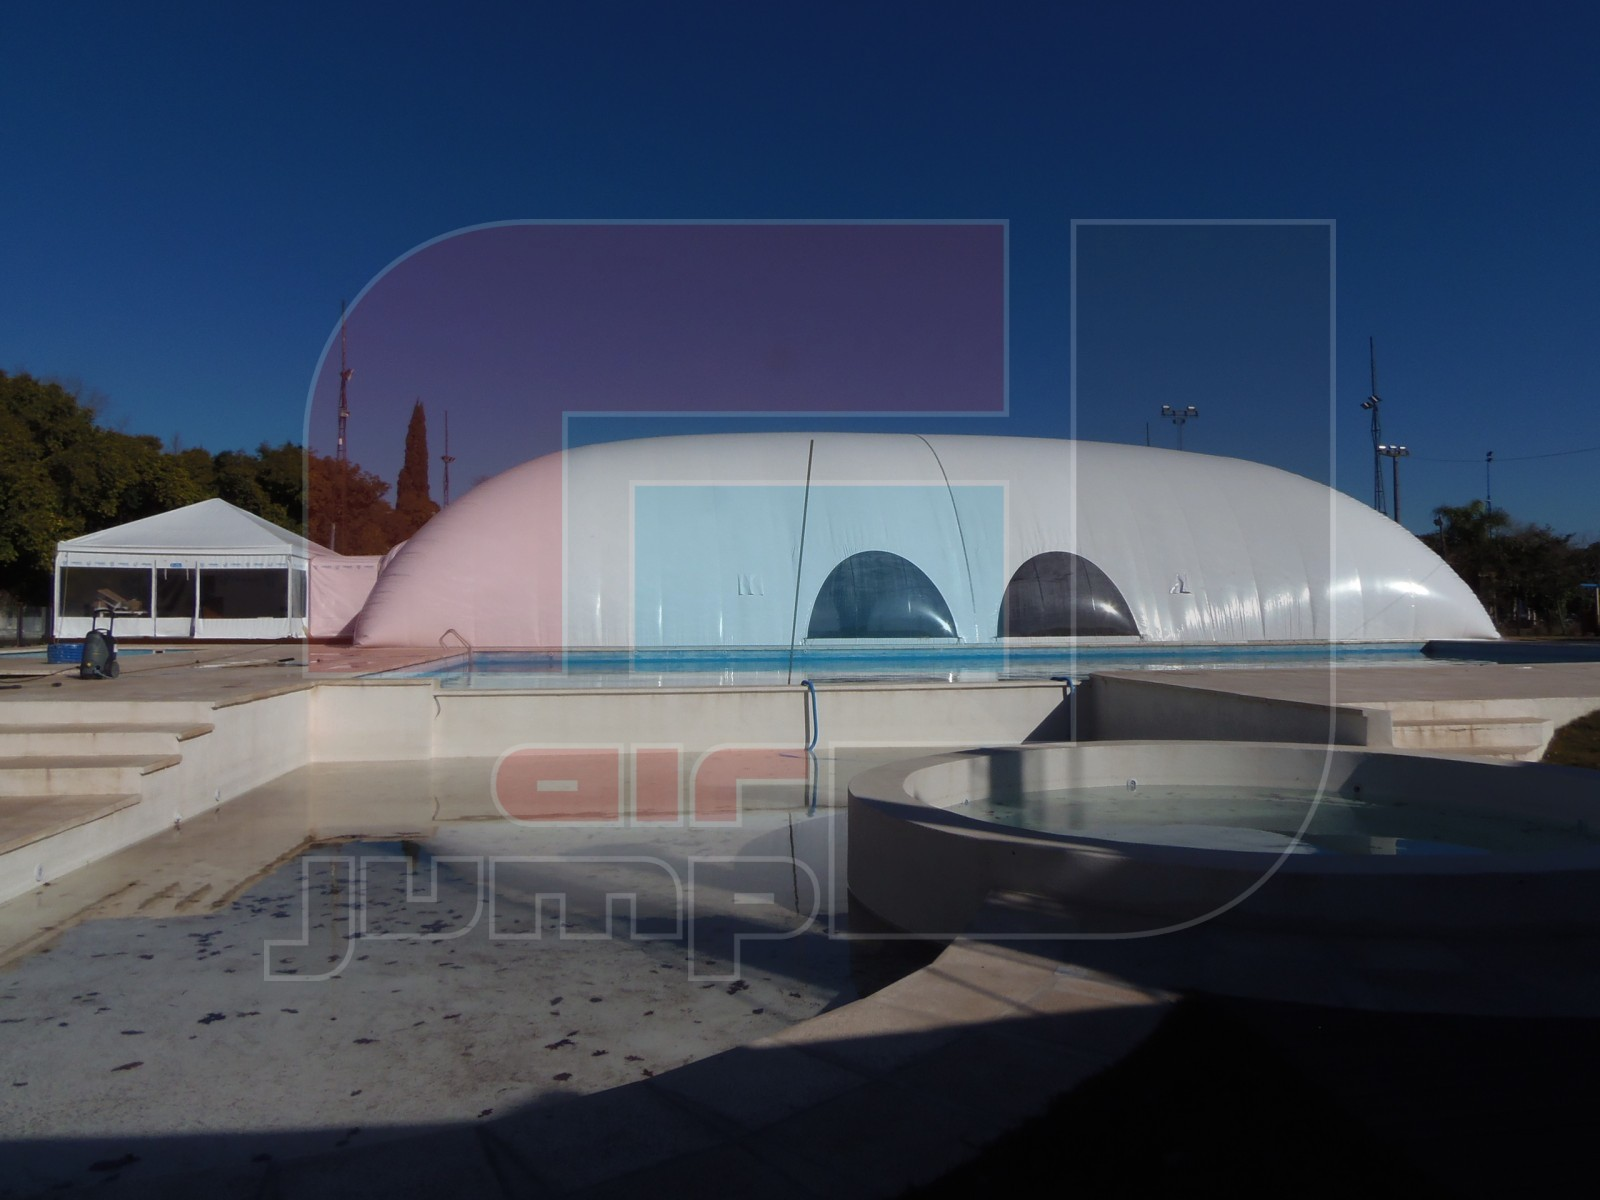 natatorio trebolense 006